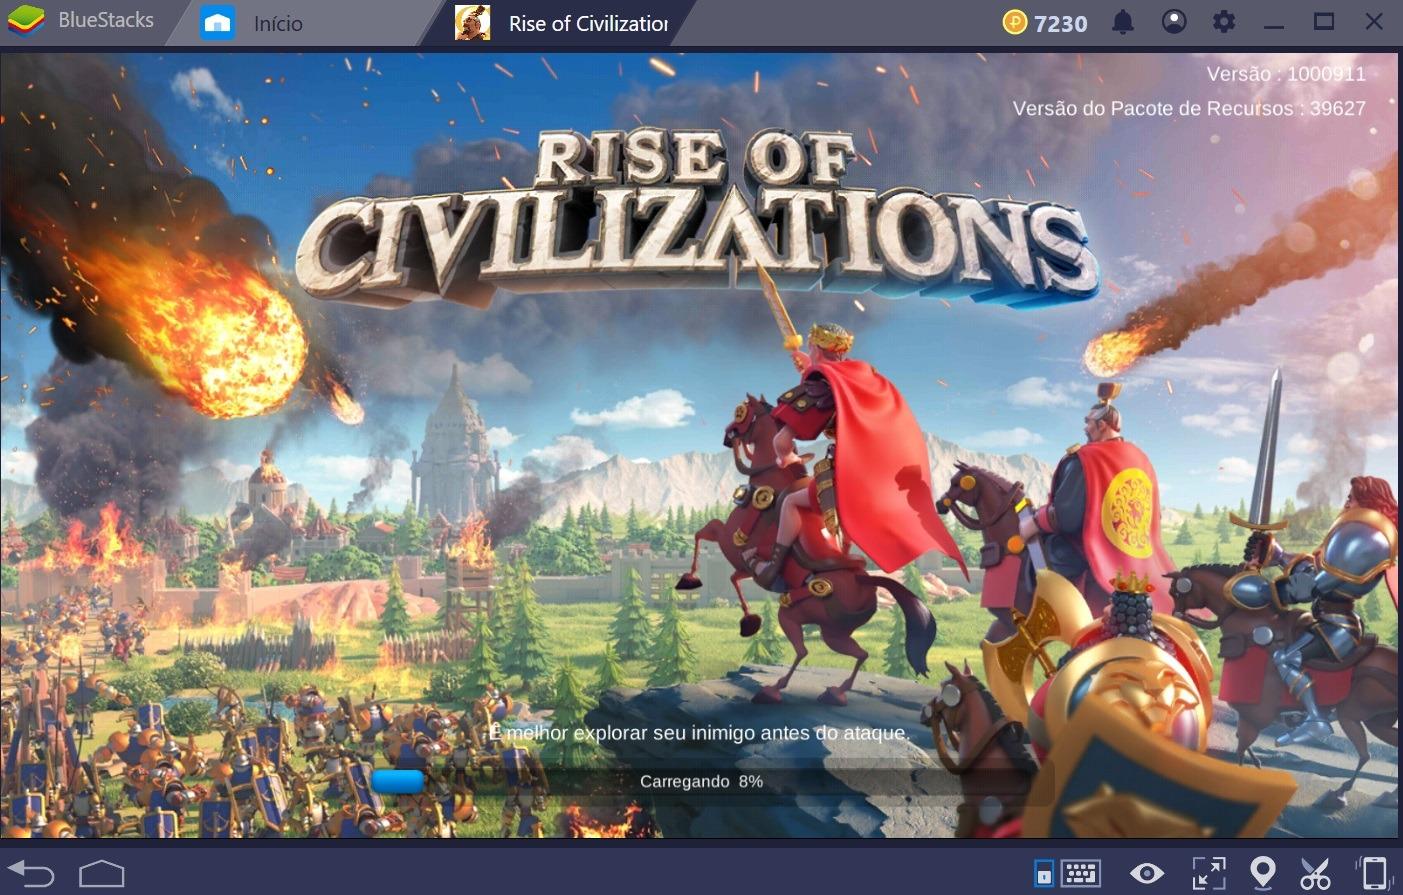 Tudo o que você precisa saber para começar a sua aventura em Rise of Kingdoms